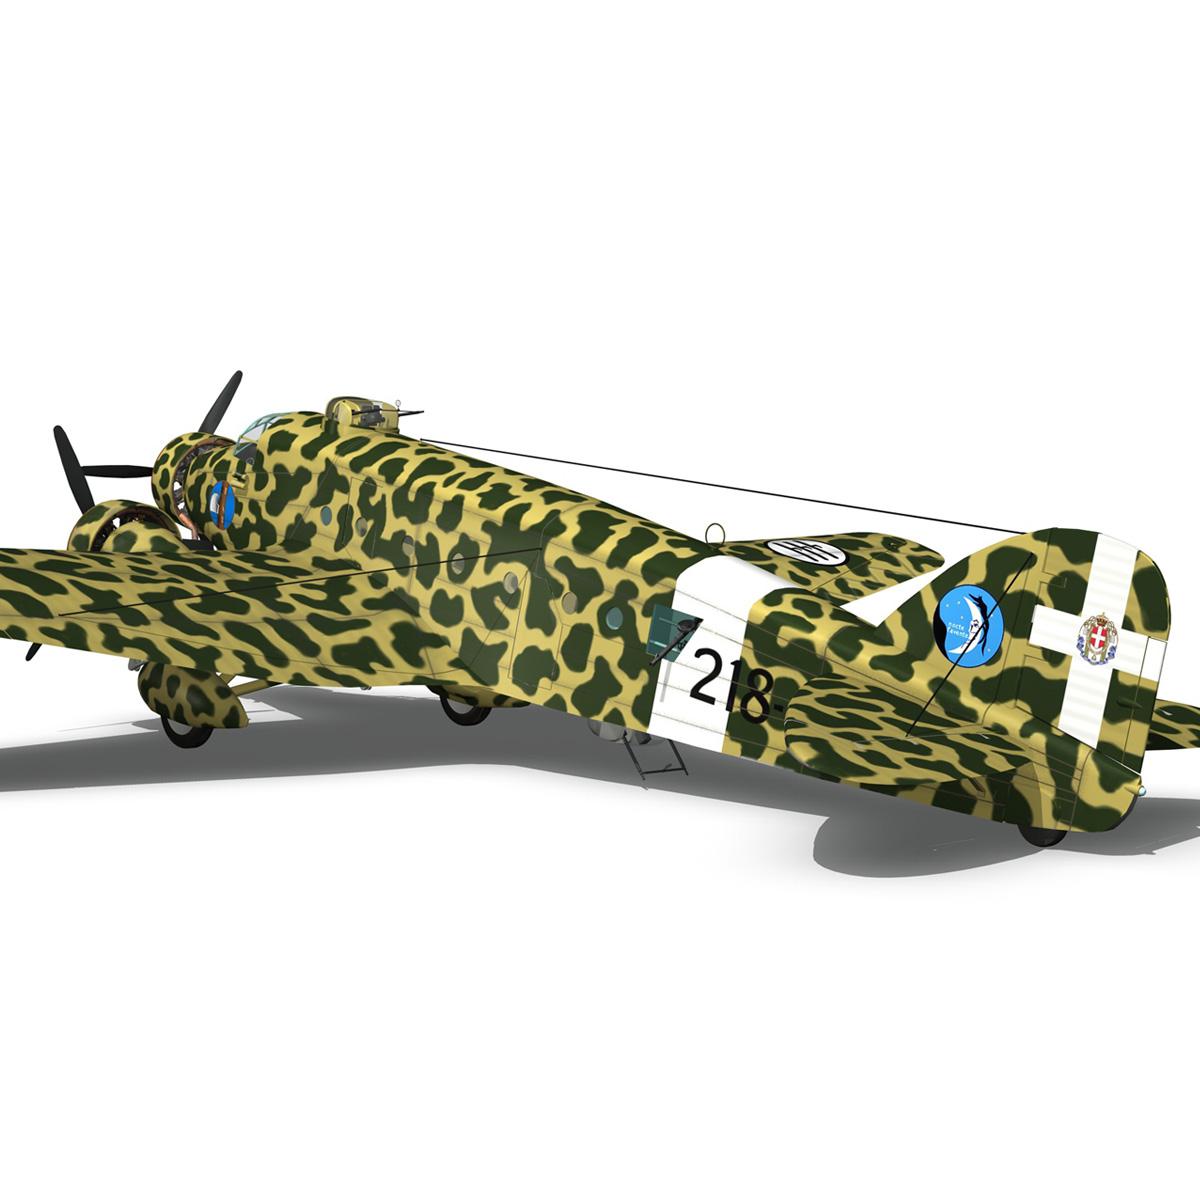 savoia-marchetti sm81 pipistrello model 3d 3ds fbx c4d lwo obj 274195